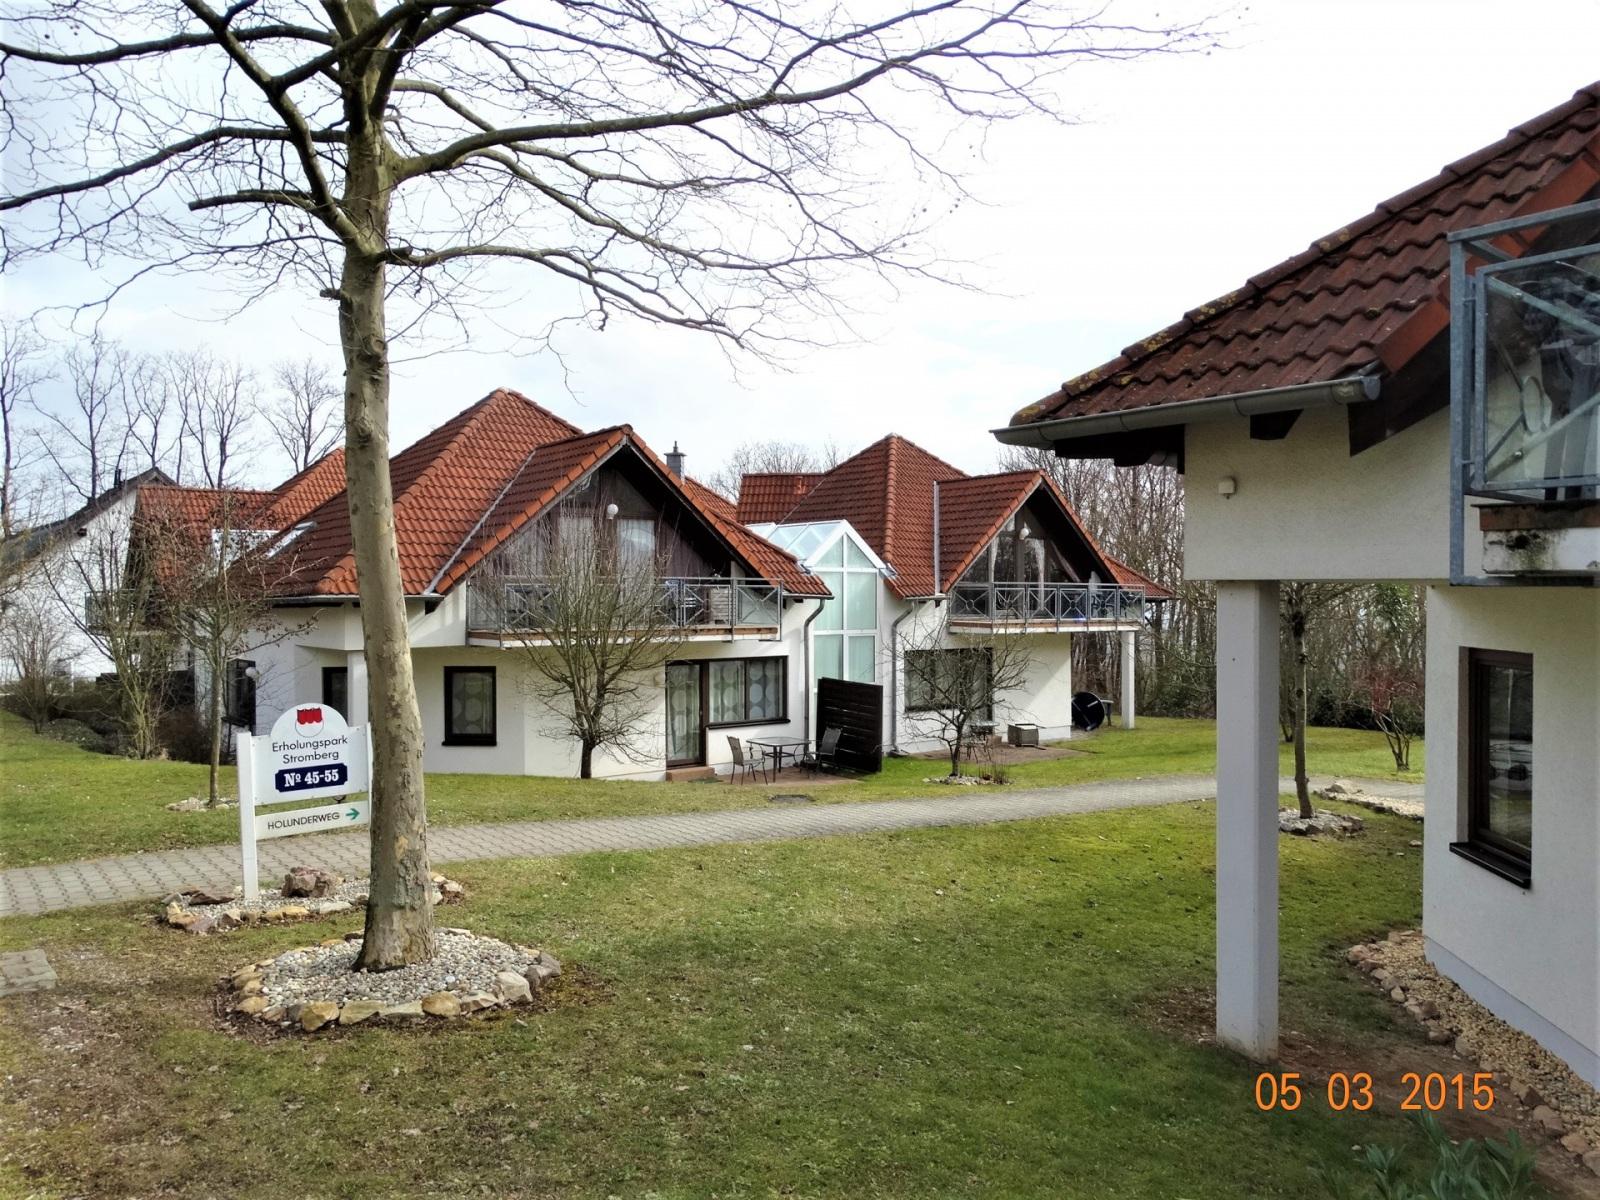 HRB_Ferienpark_1_1920x1440